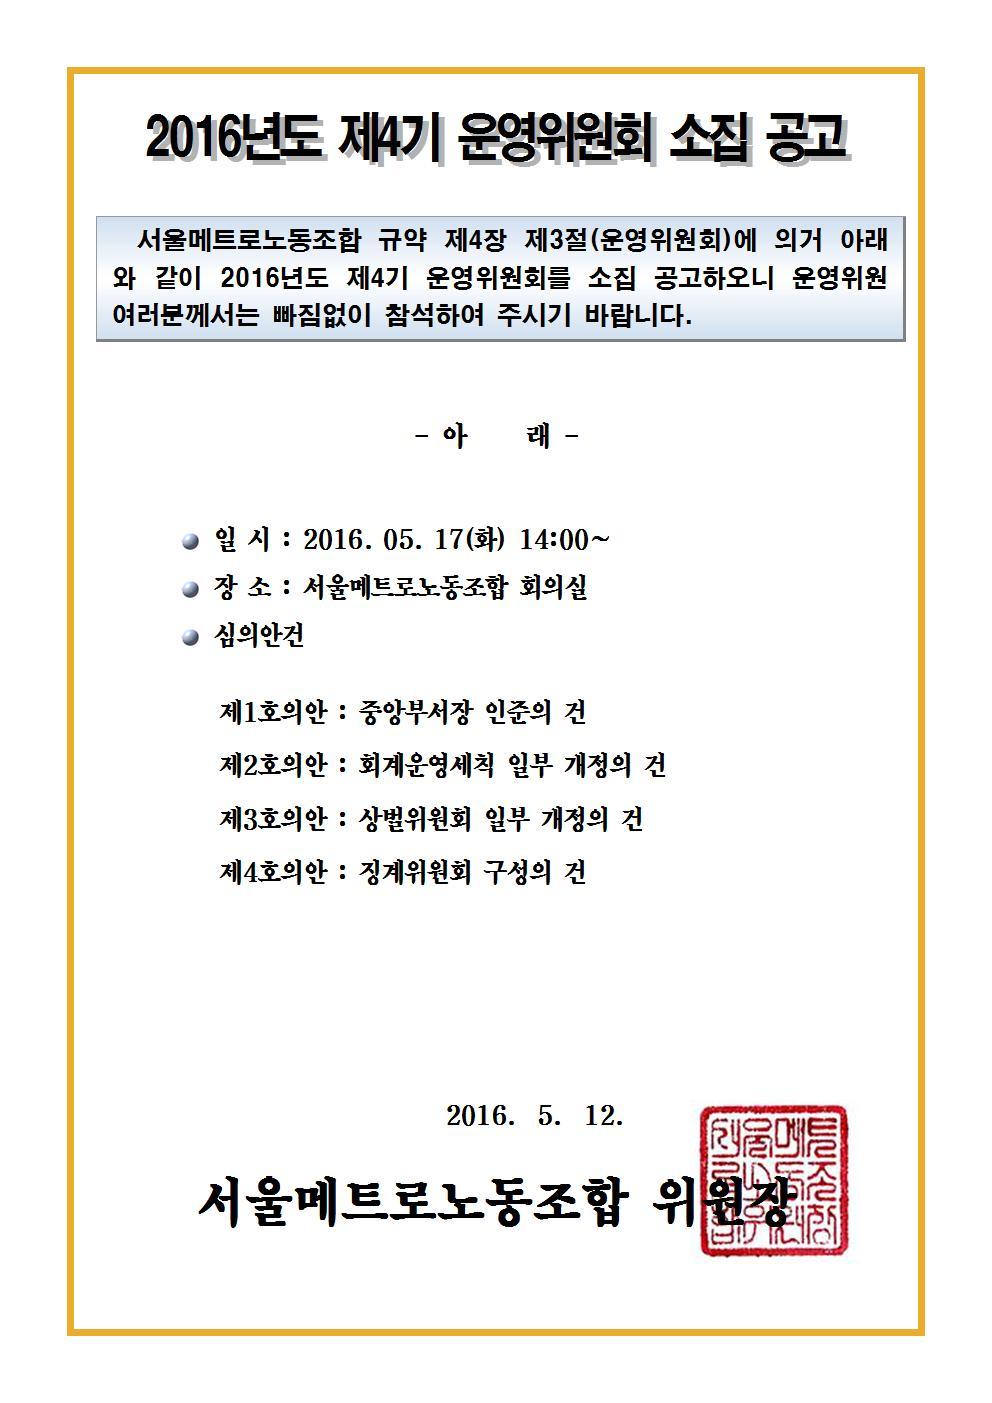 2016년도 제4기 운영위원회 소집 공고001.jpg